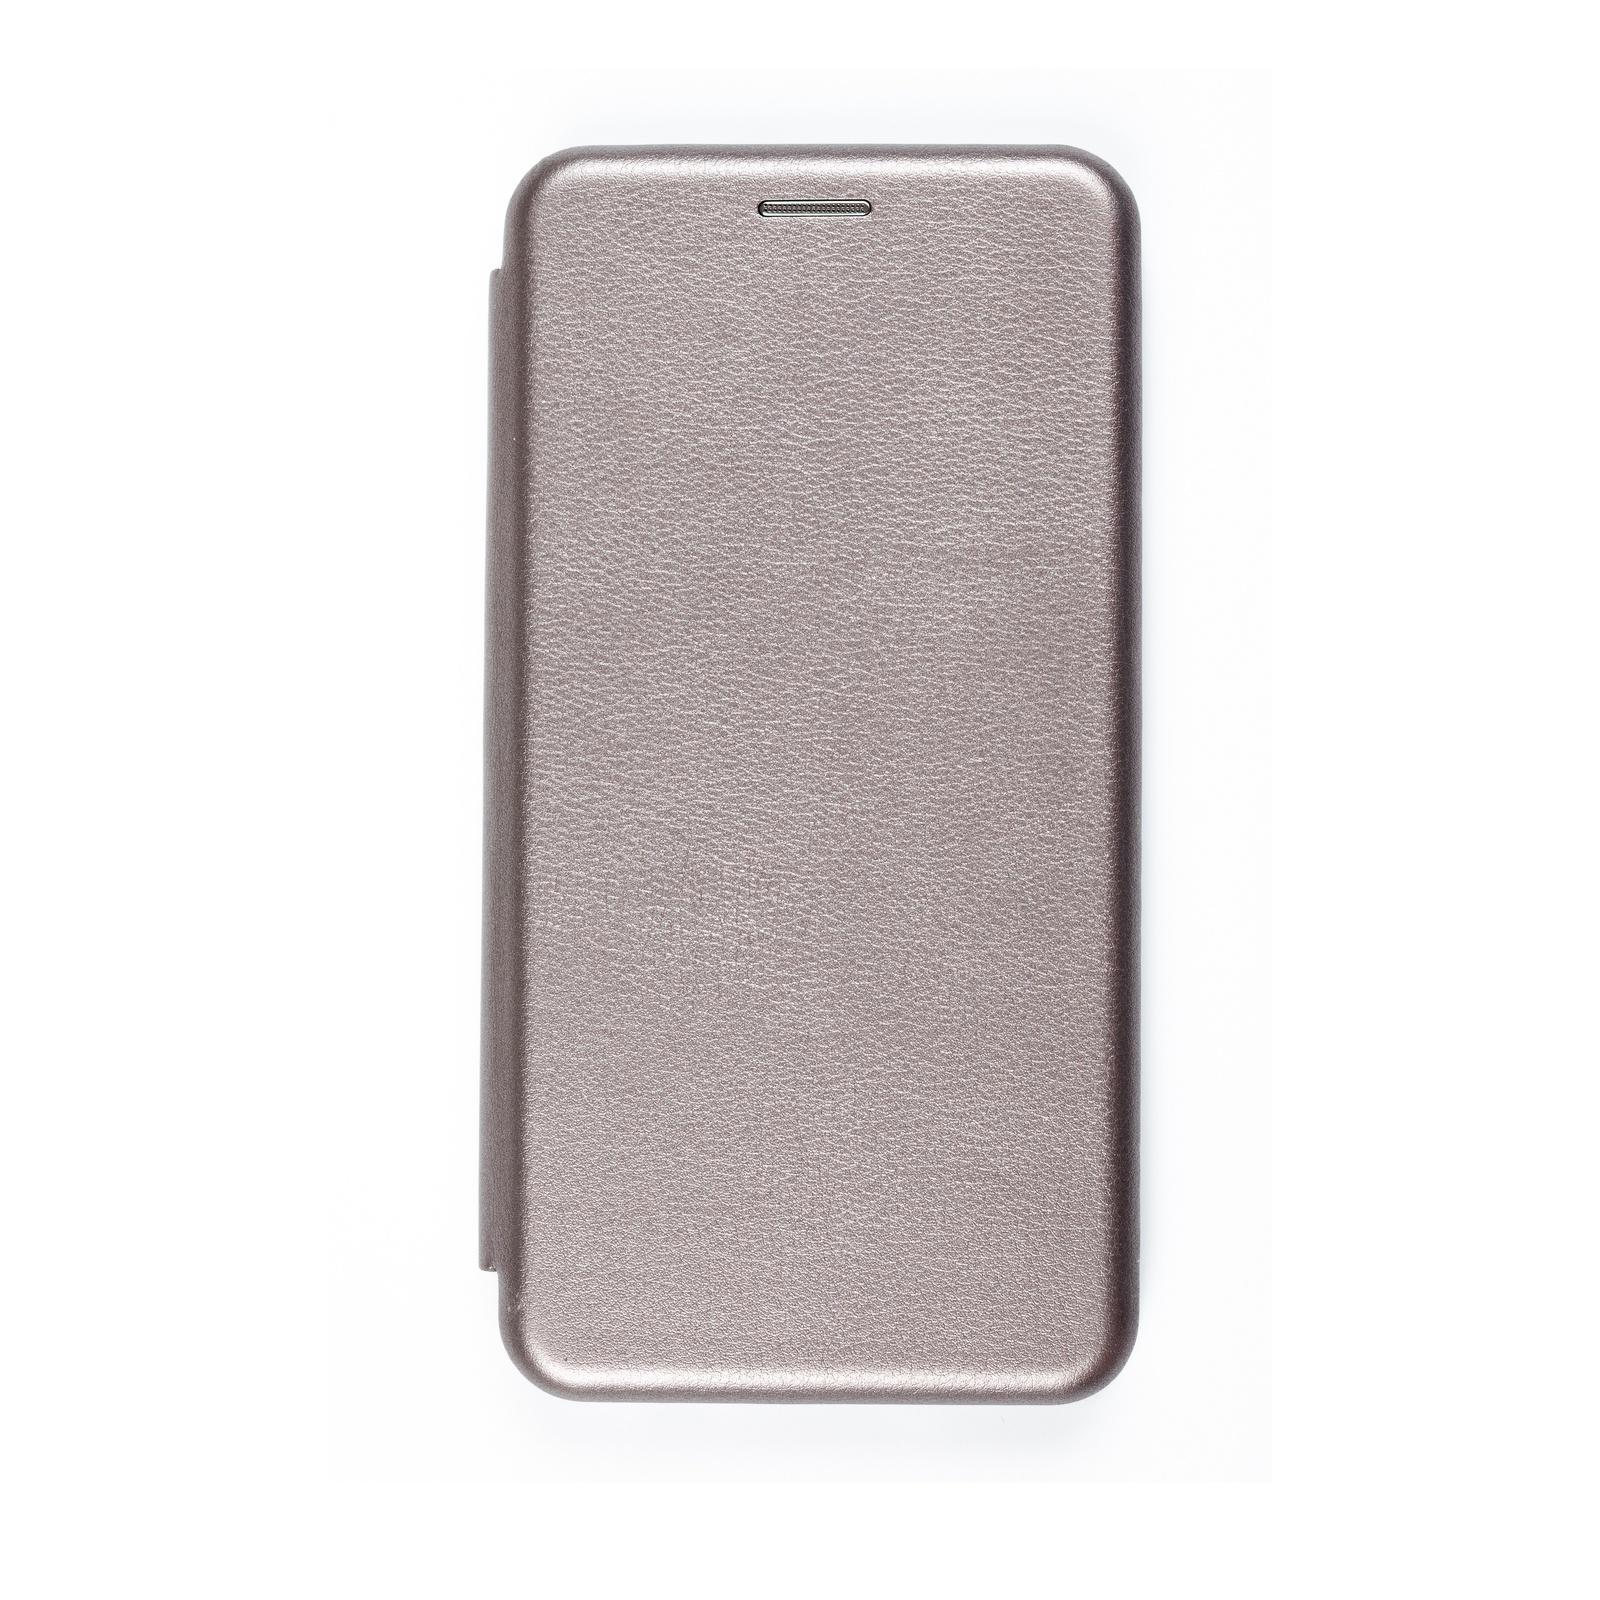 Чехол для сотового телефона книжка для Huawei Honor 10 Lite/P Smart (2019), серый металлик